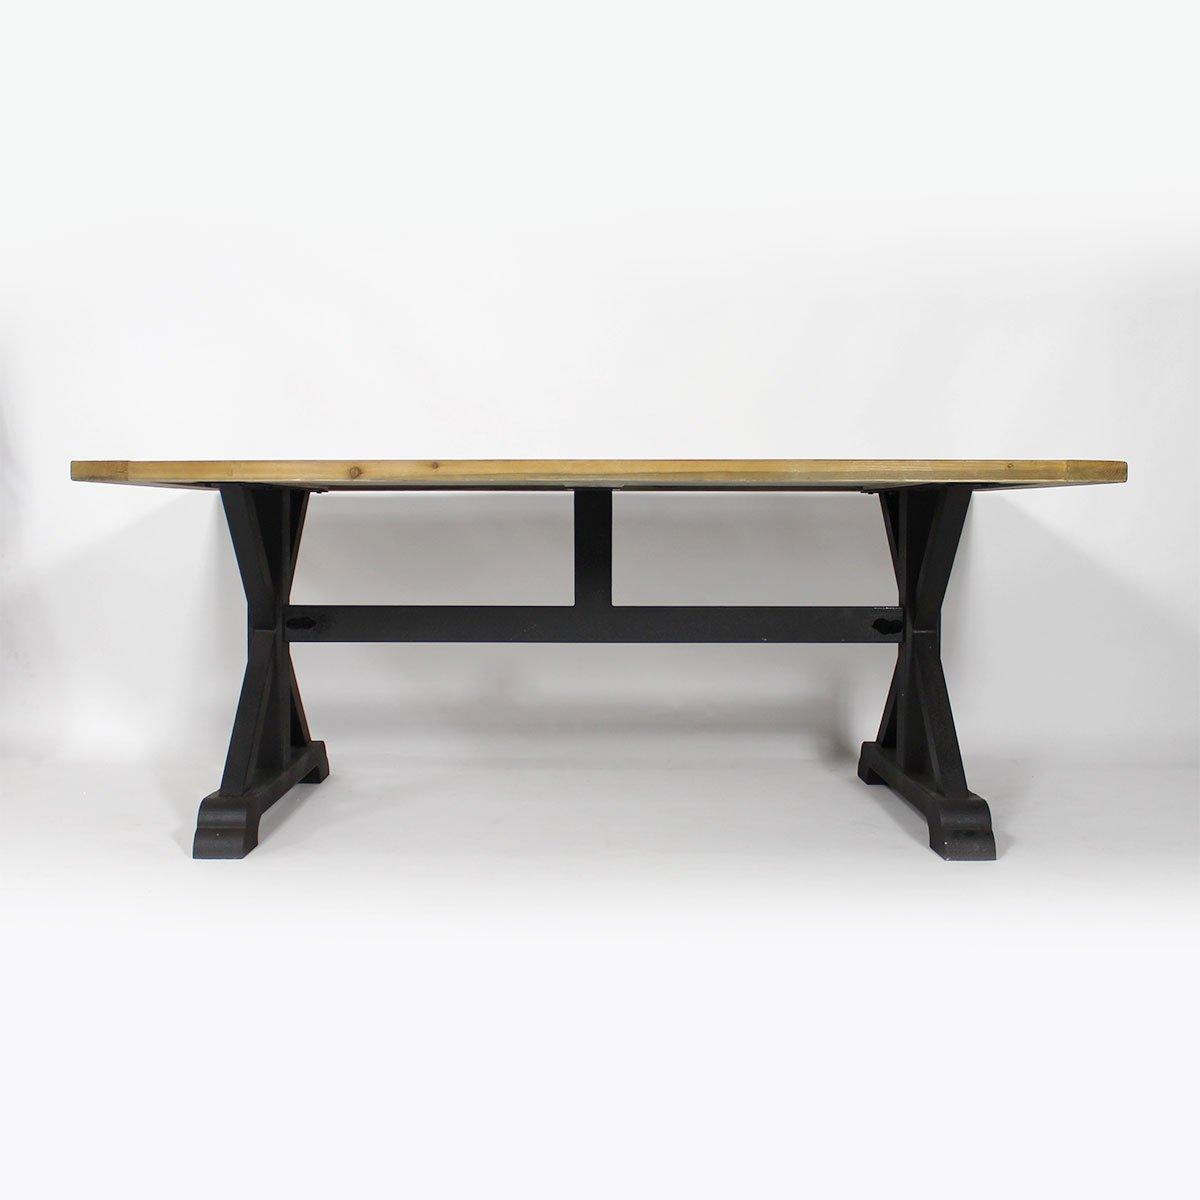 Tisch Pinie Recycle Authentiq Holz Metall Schwarz Jetzt Bestellen